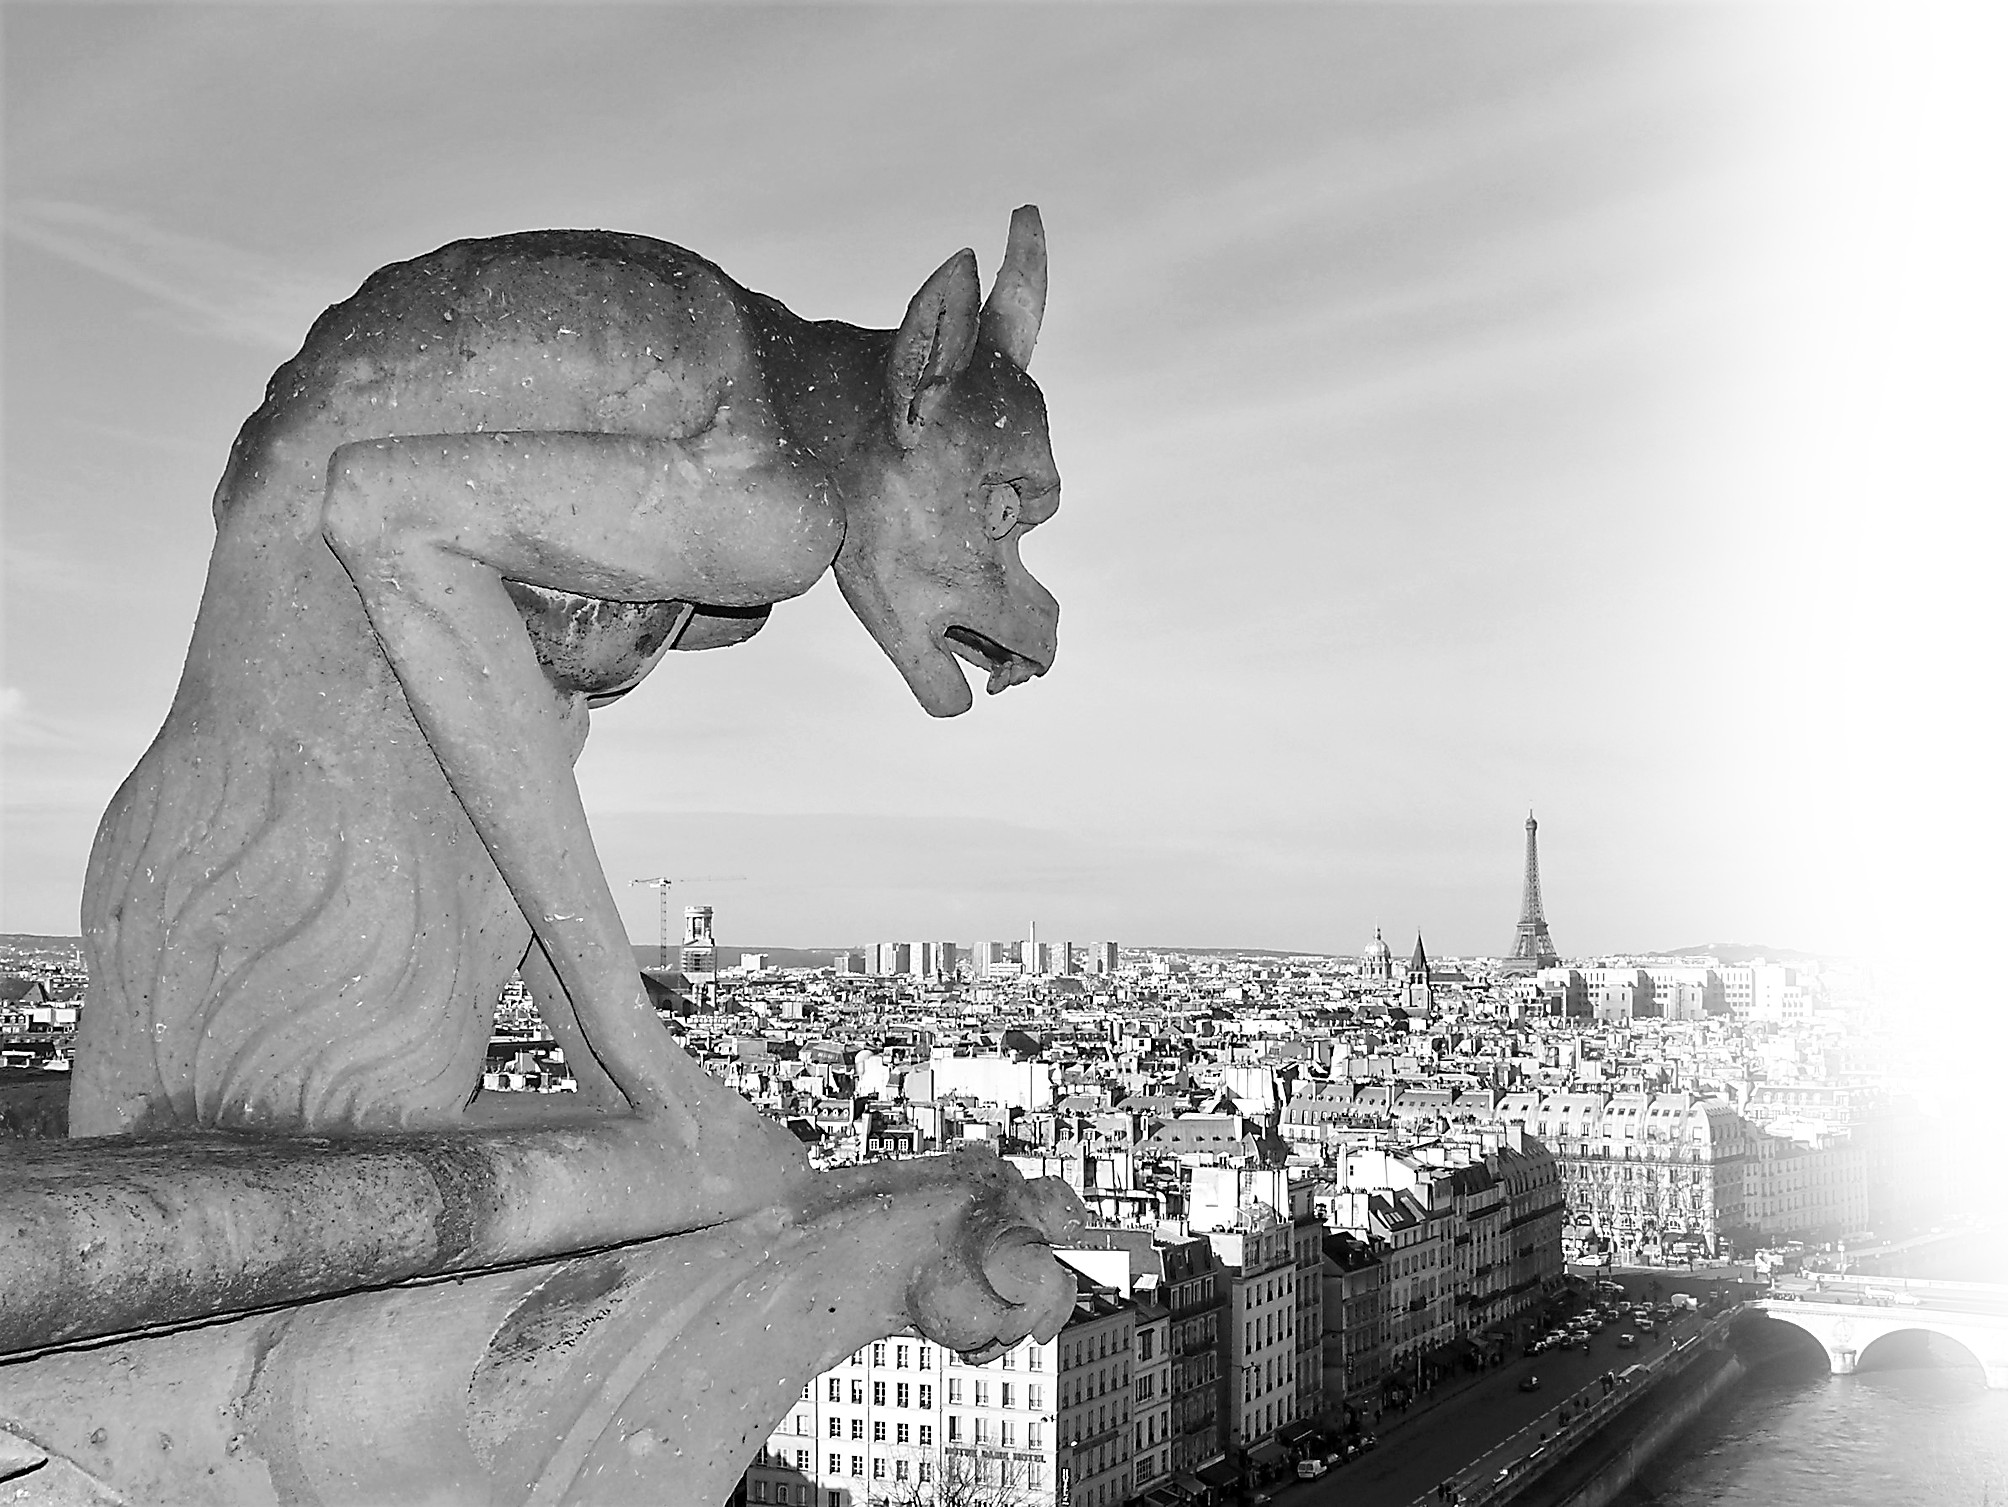 钟楼怪兽,巴黎圣母院的魔幻世界